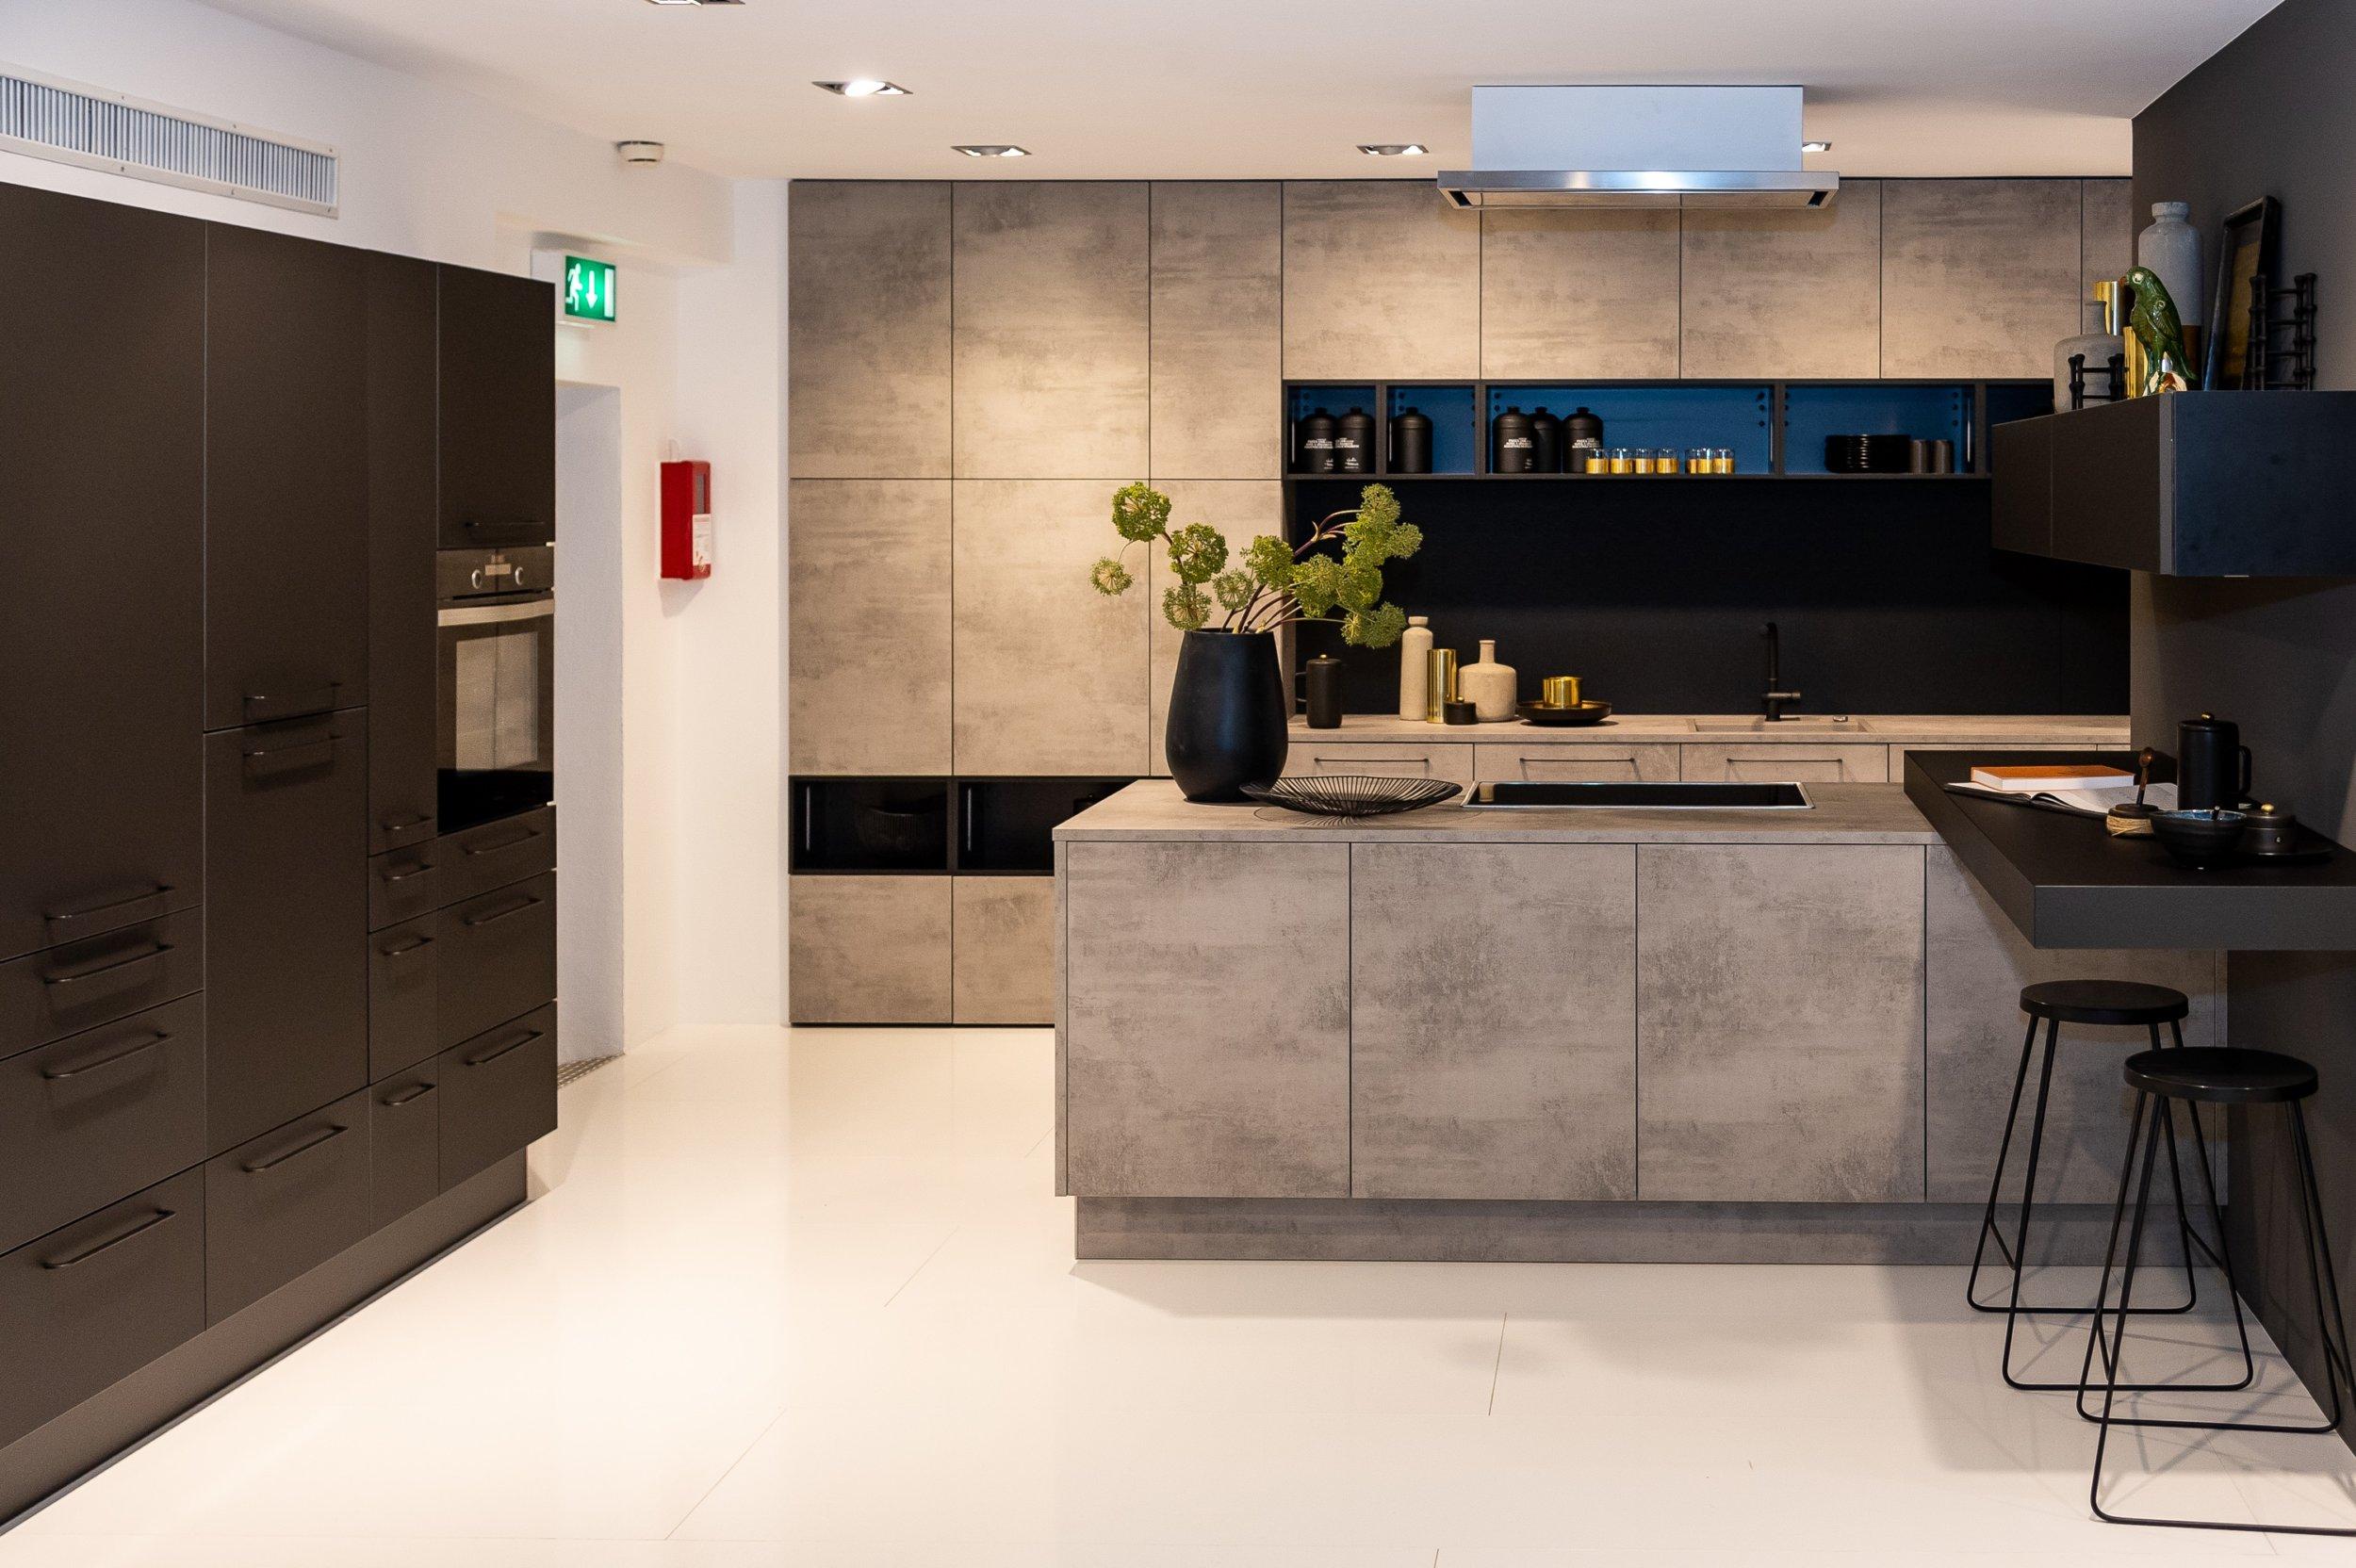 Full Size of Einlegeboden Küchenschrank 60 Cm Einlegeboden Küche Ikea Einlegeboden Nobilia Küche Einlegeböden Küchenschrank Küche Einlegeböden Küche